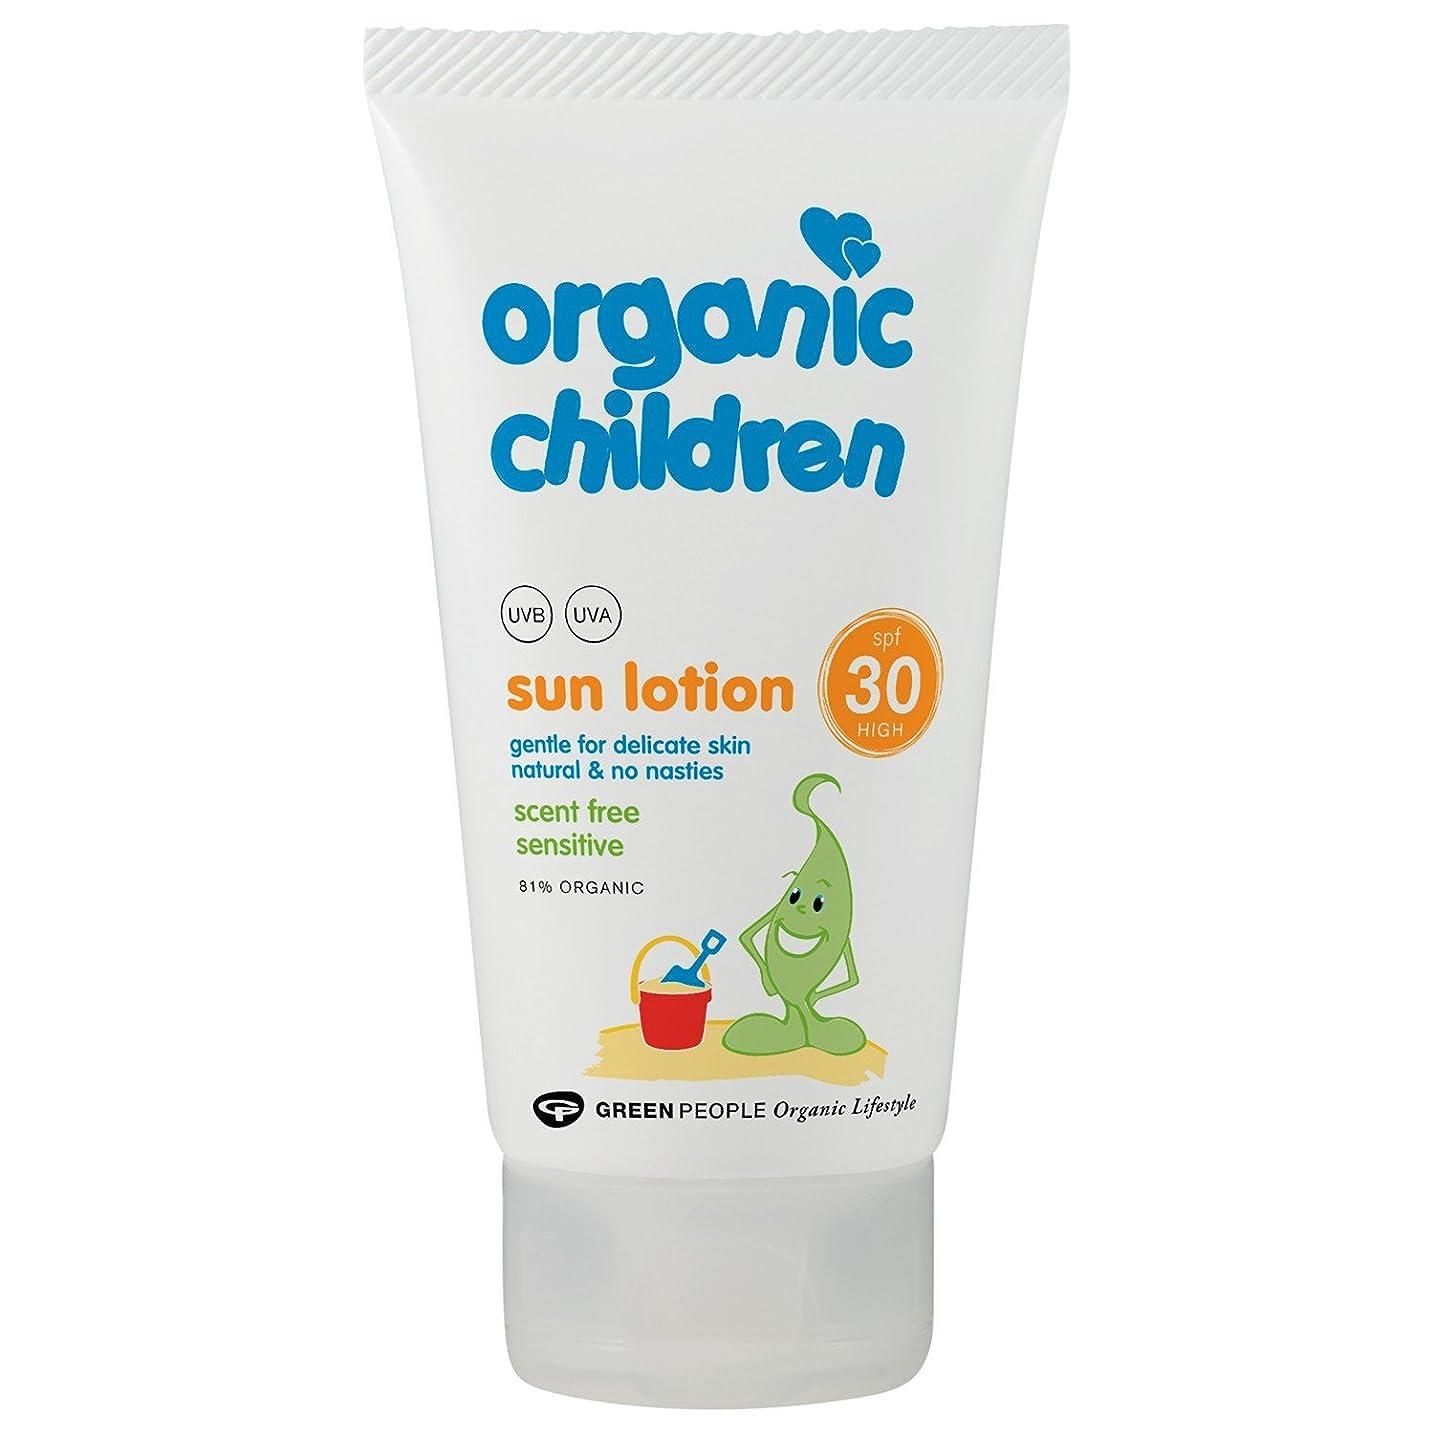 代名詞ルー劣る有機子どもたちは30日のローション150グラムを x2 - Organic Children SPF 30 Sun Lotion 150g (Pack of 2) [並行輸入品]